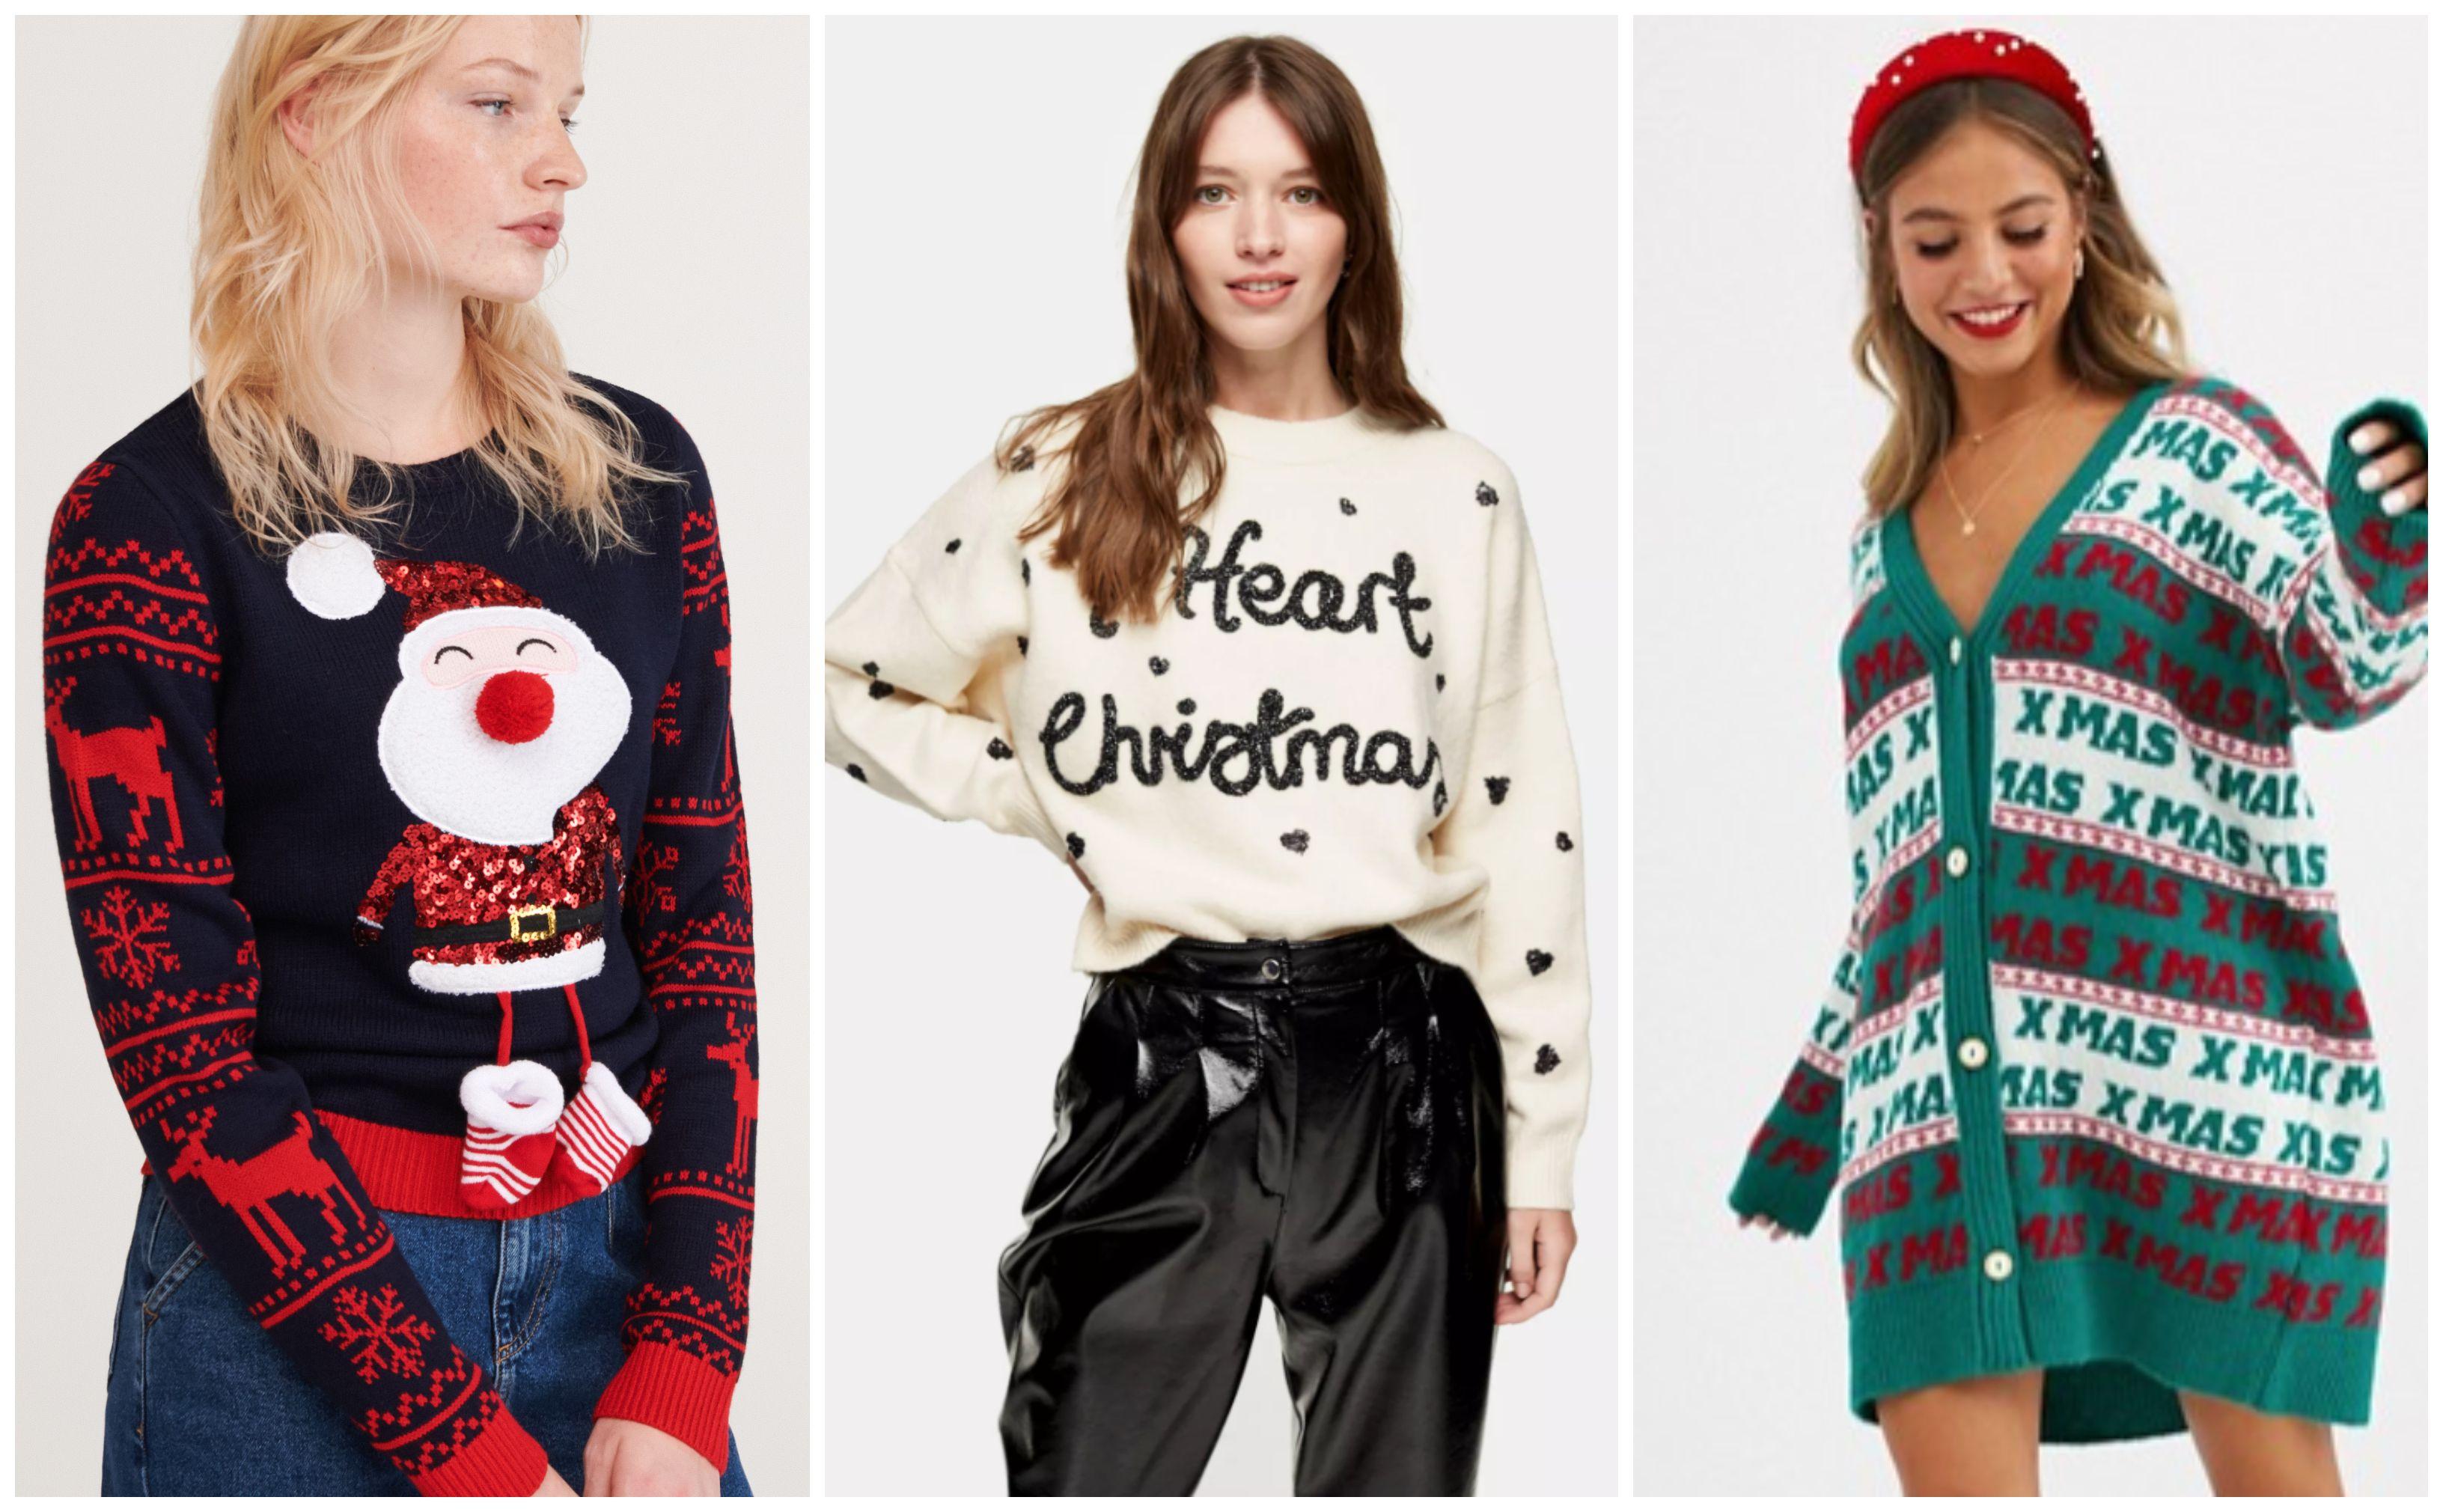 U dućane su stigli prvi 'ugly' džemperi koji će biti glavne zvijezde blagdanskih outfita